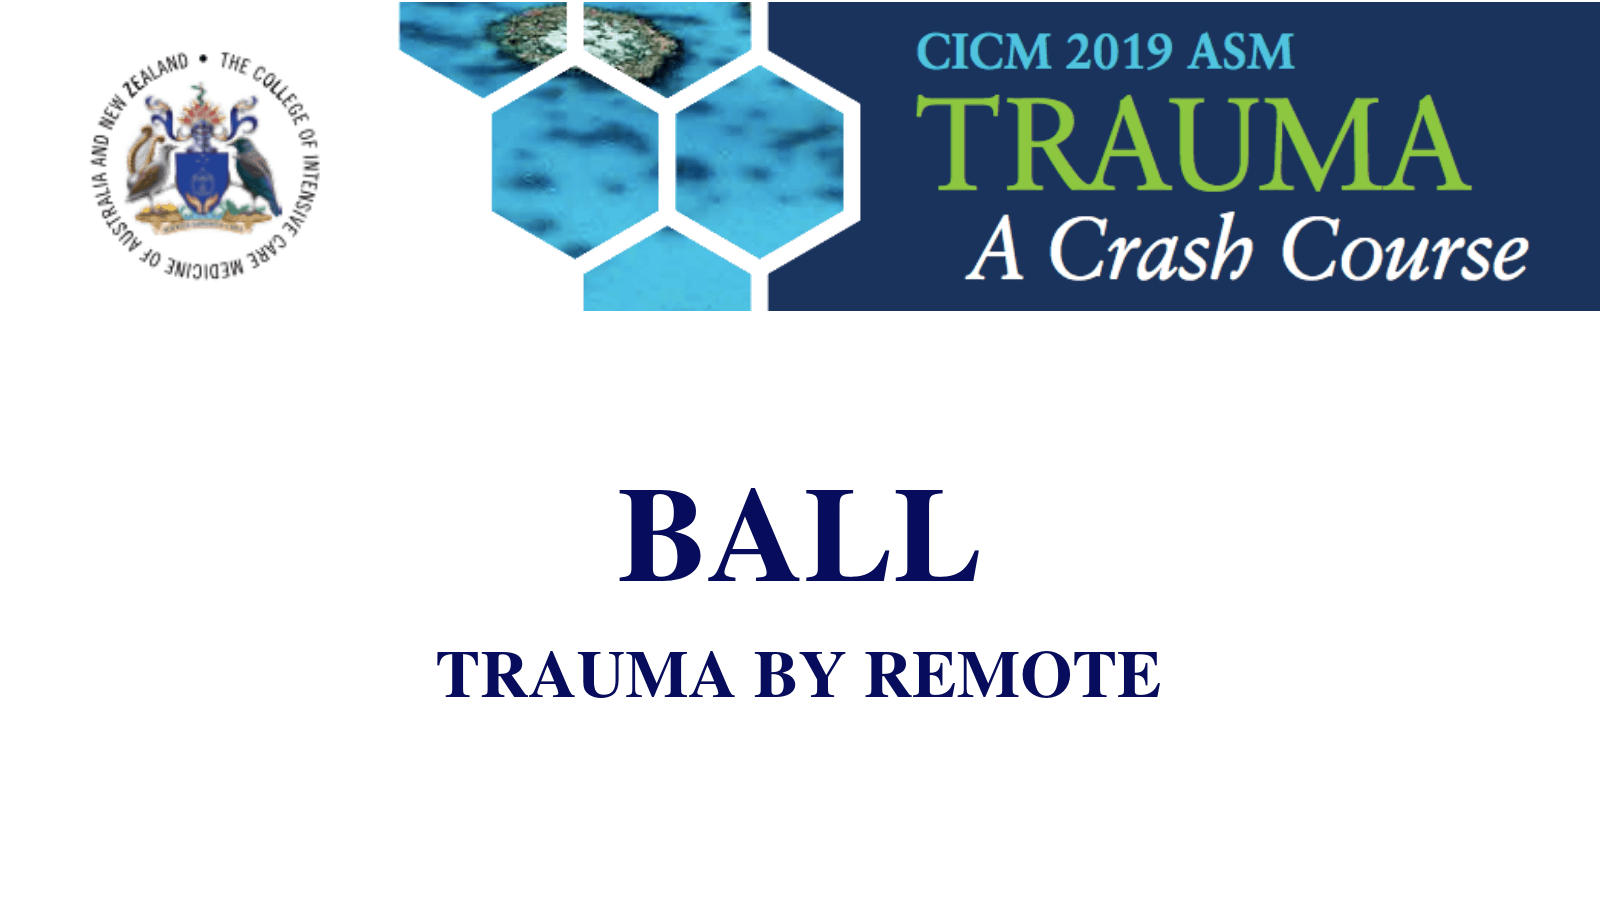 Trauma by remote